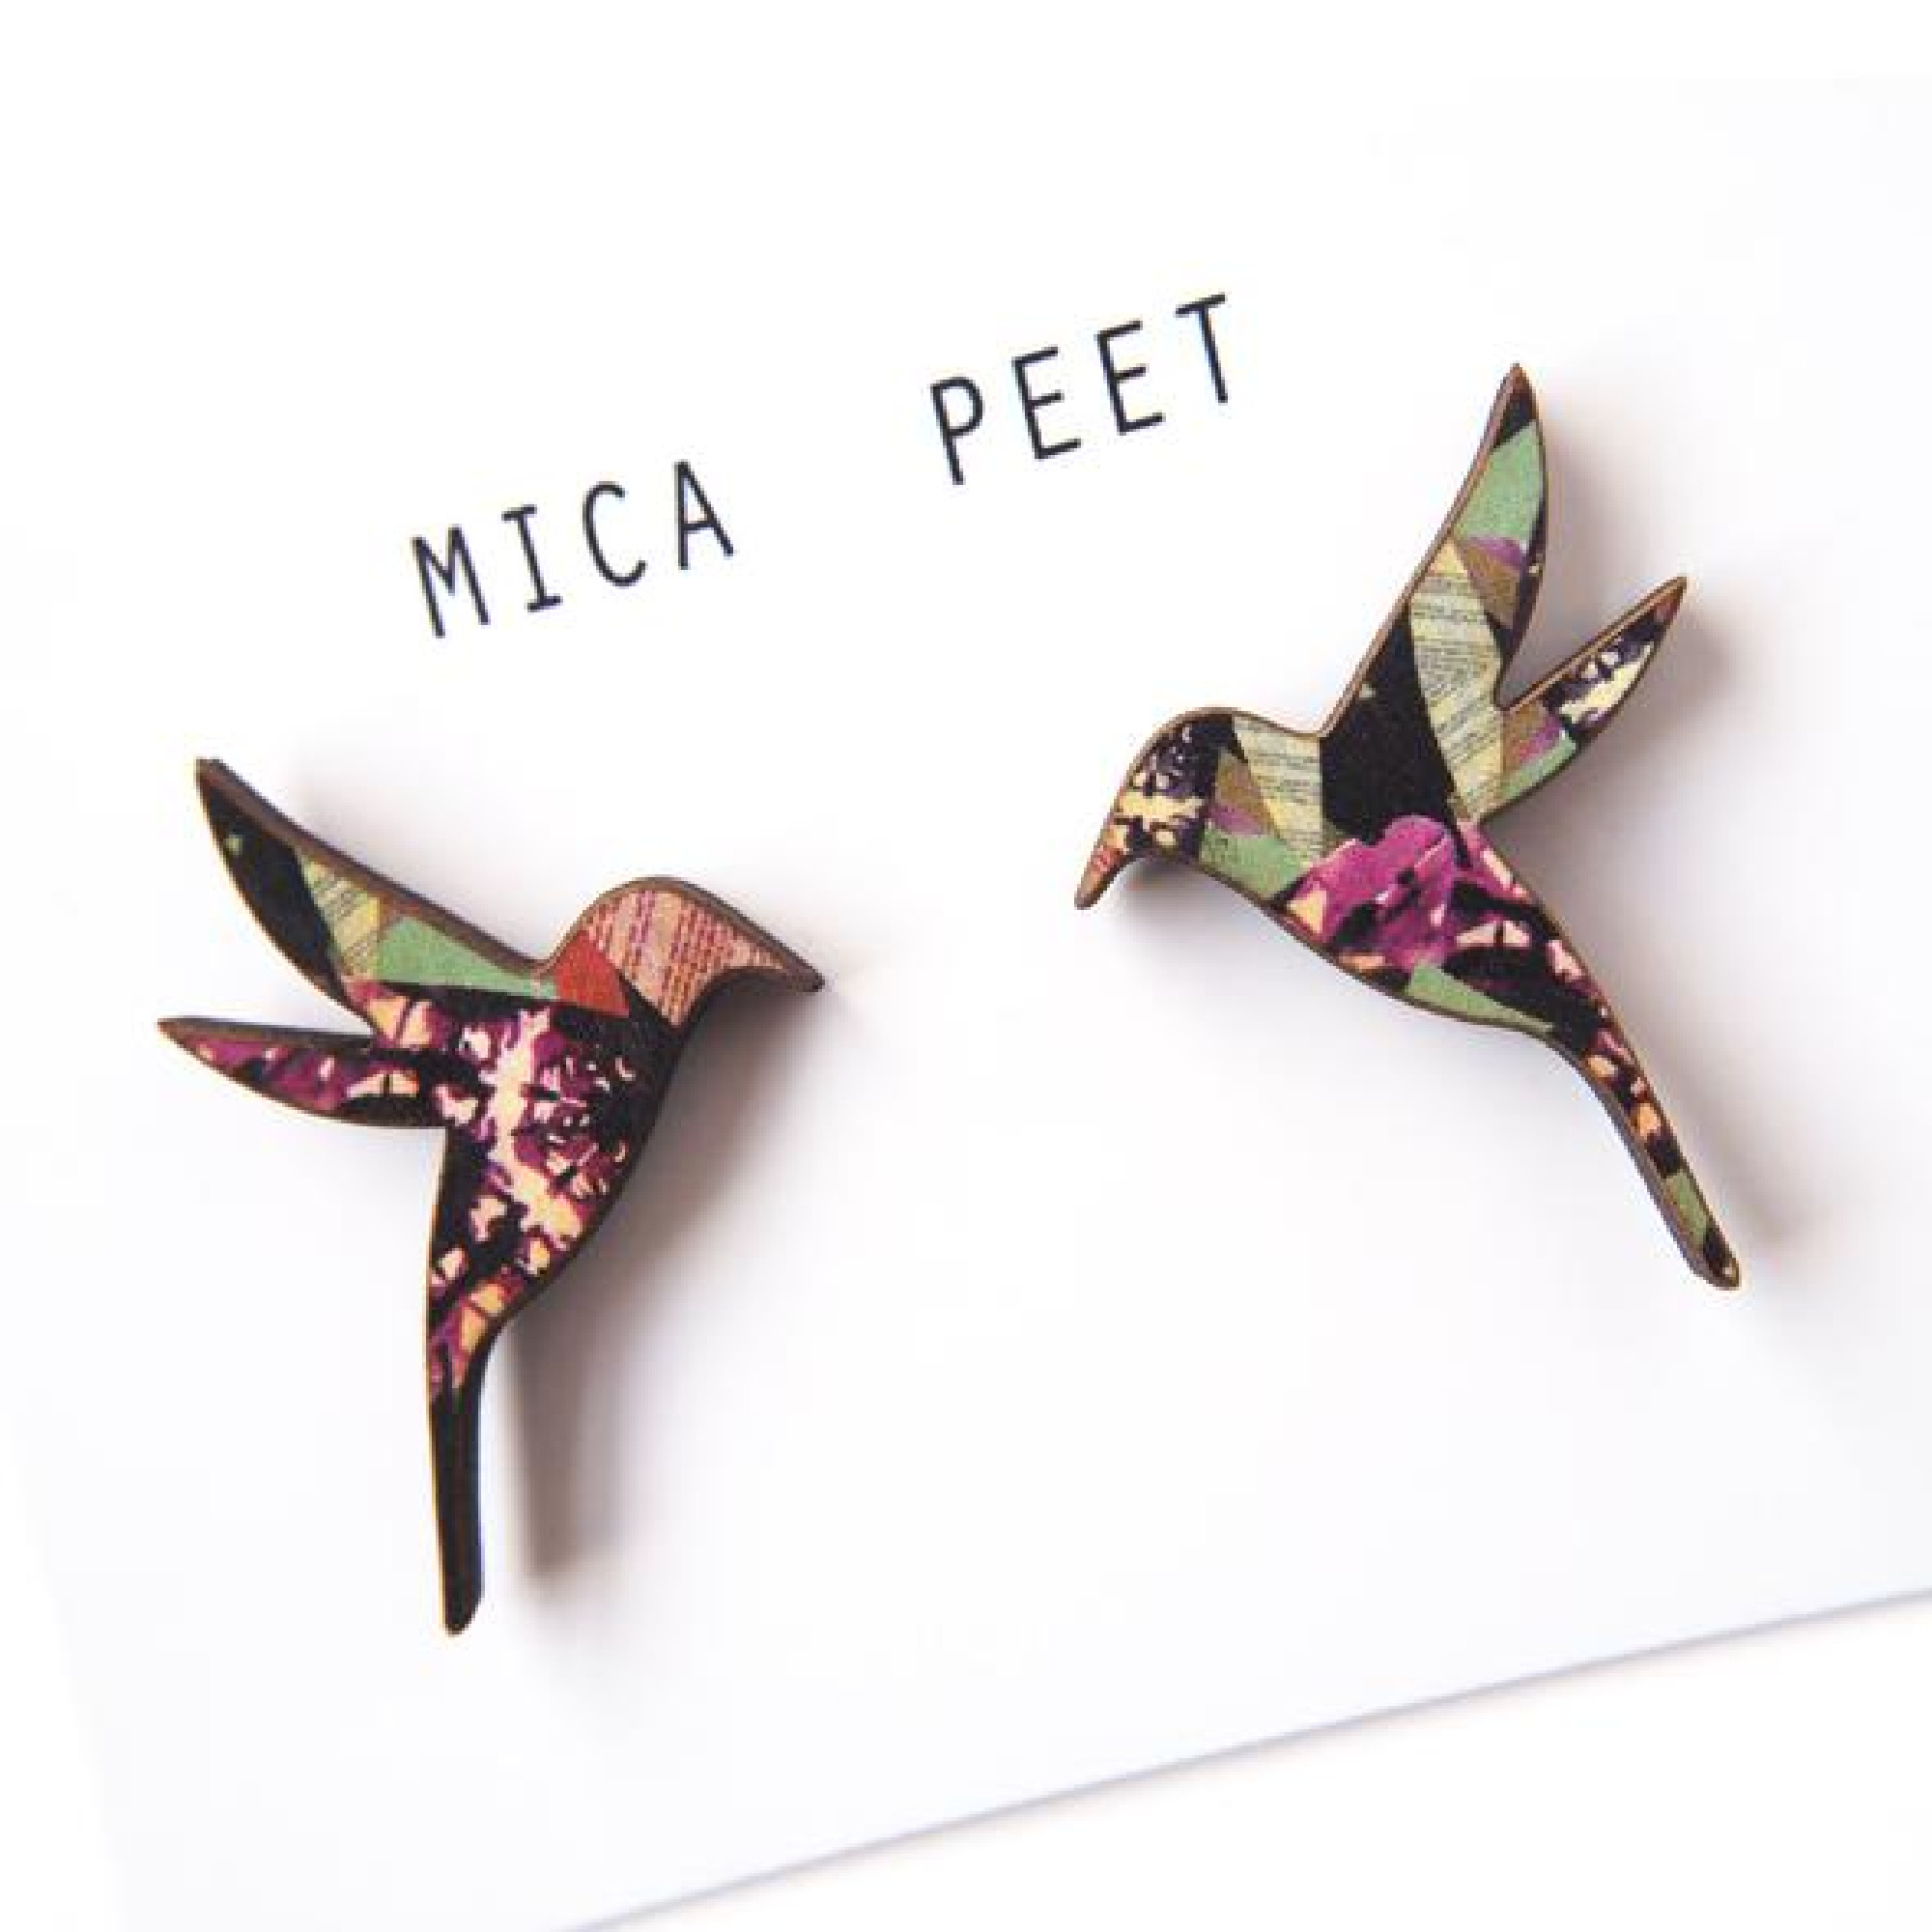 Humming Bird Earrings by Mica Peet